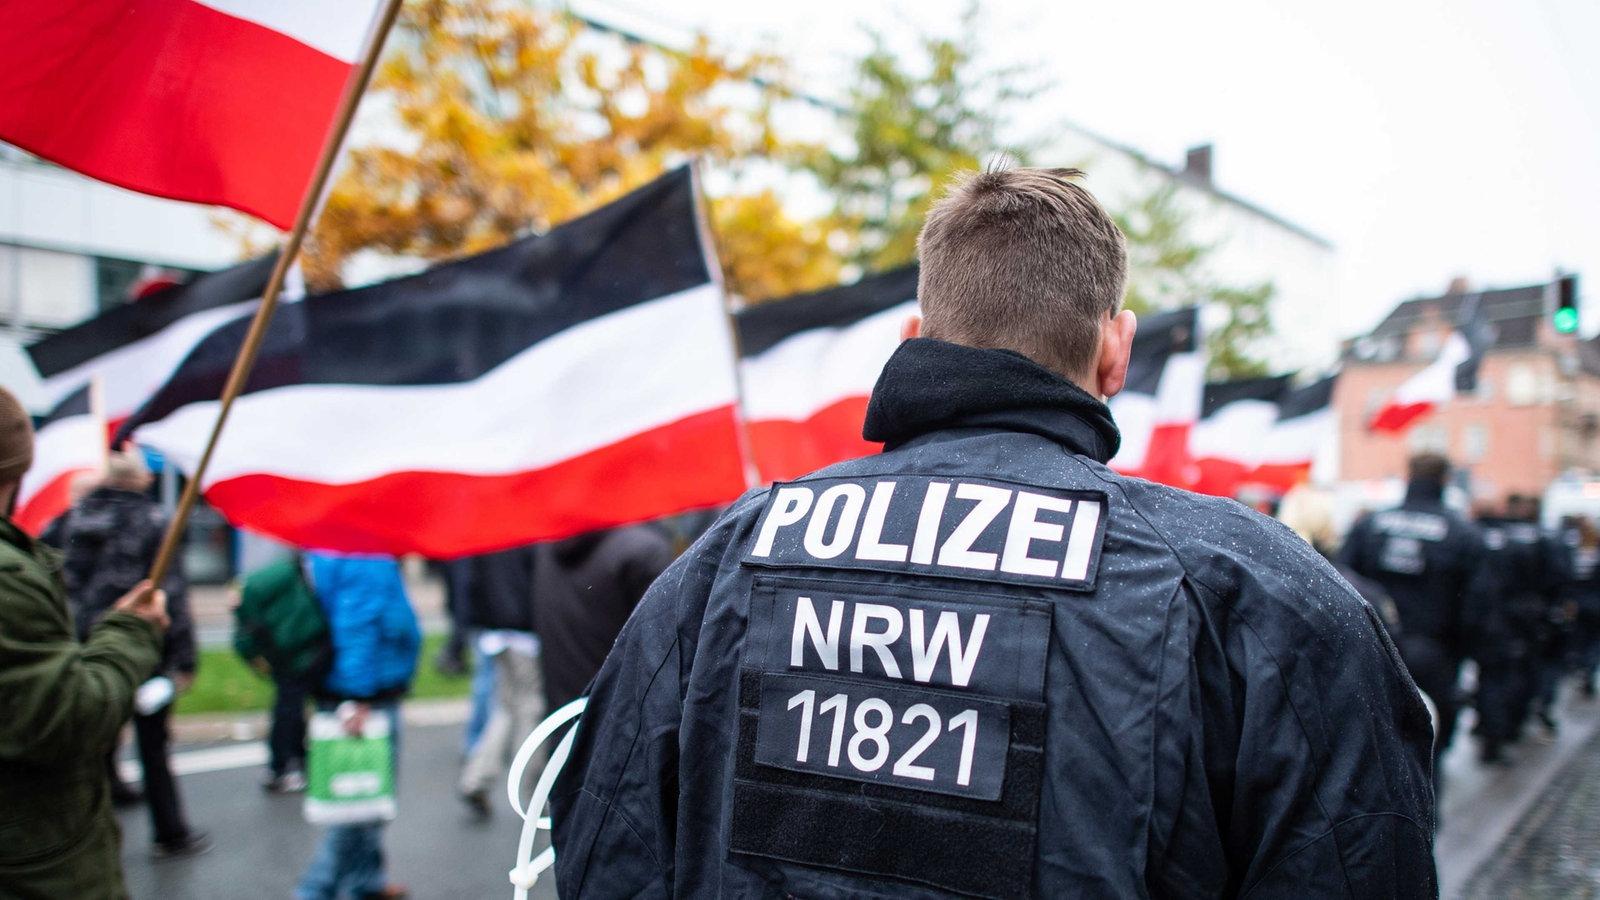 Rechtsextreme Polizisten